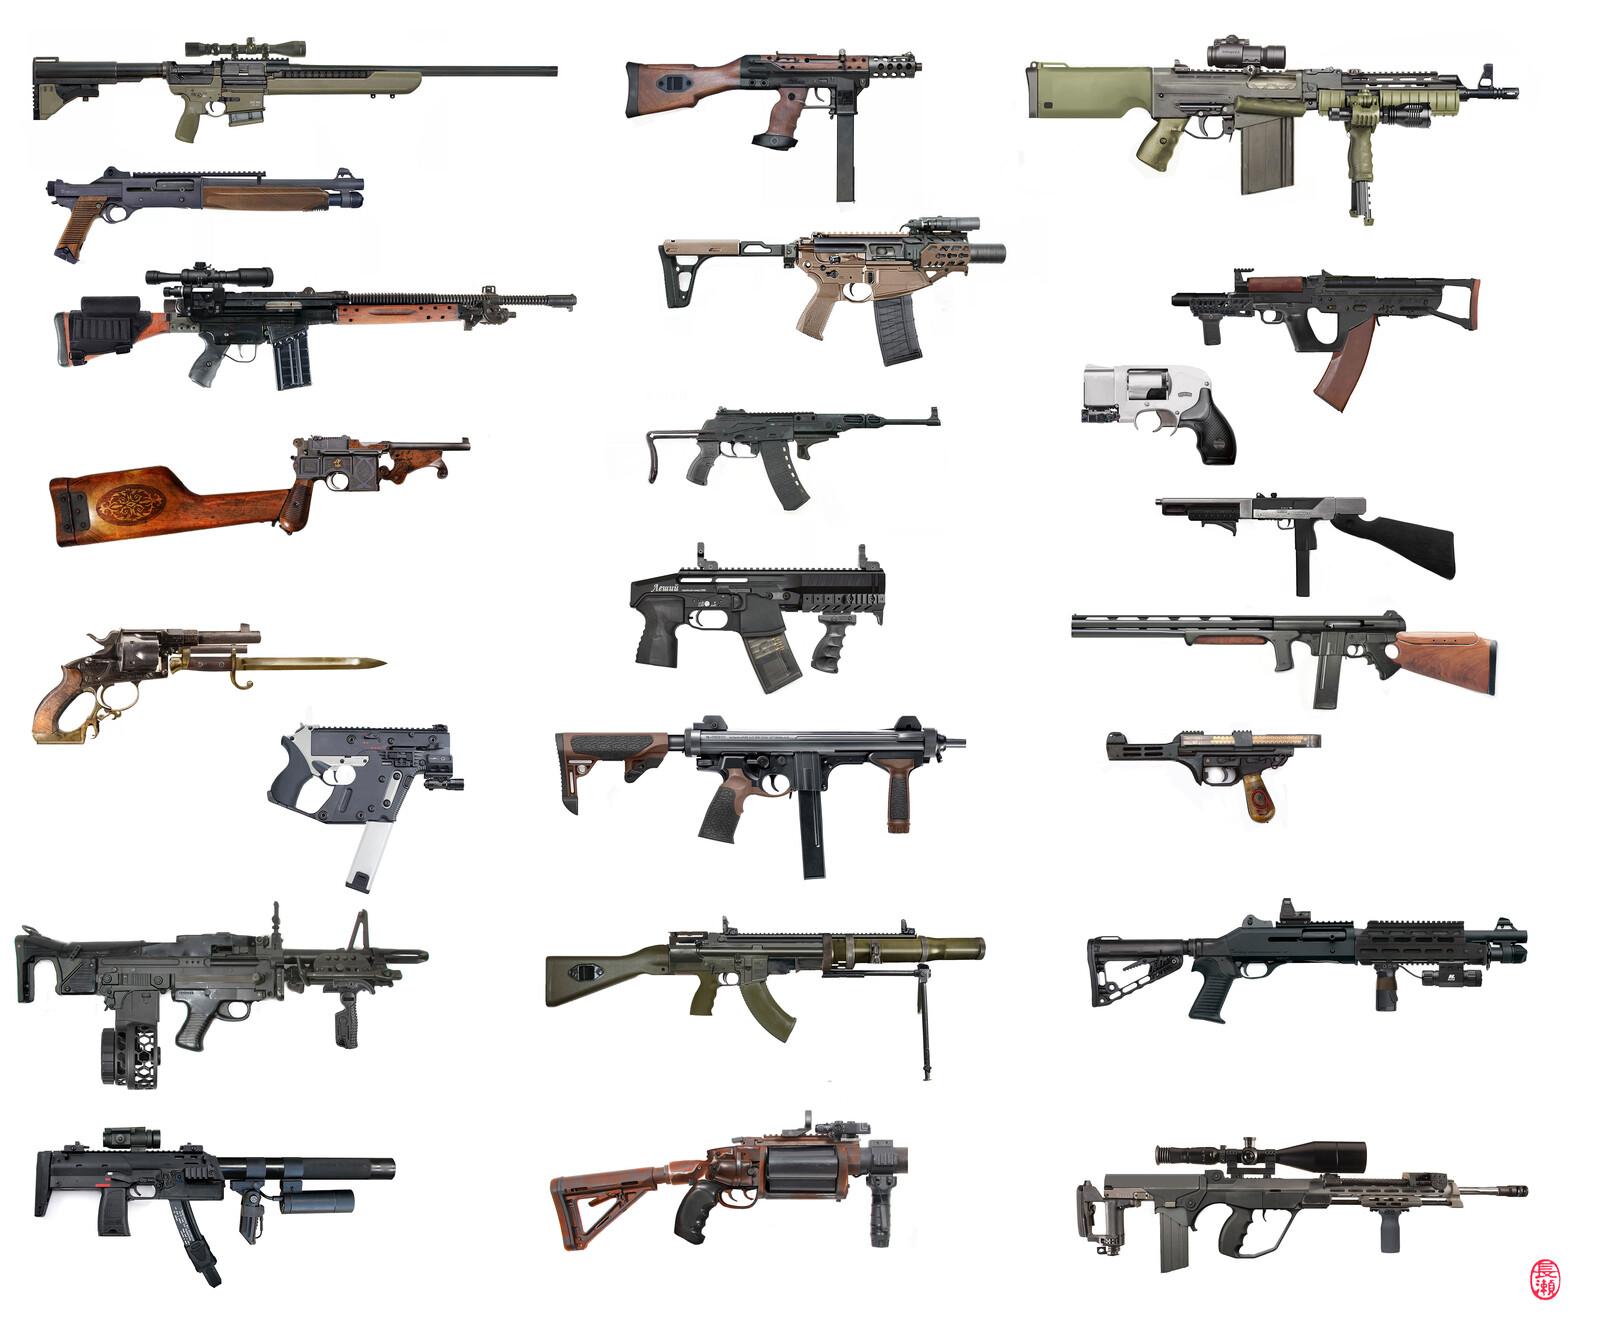 Weapon photobashing